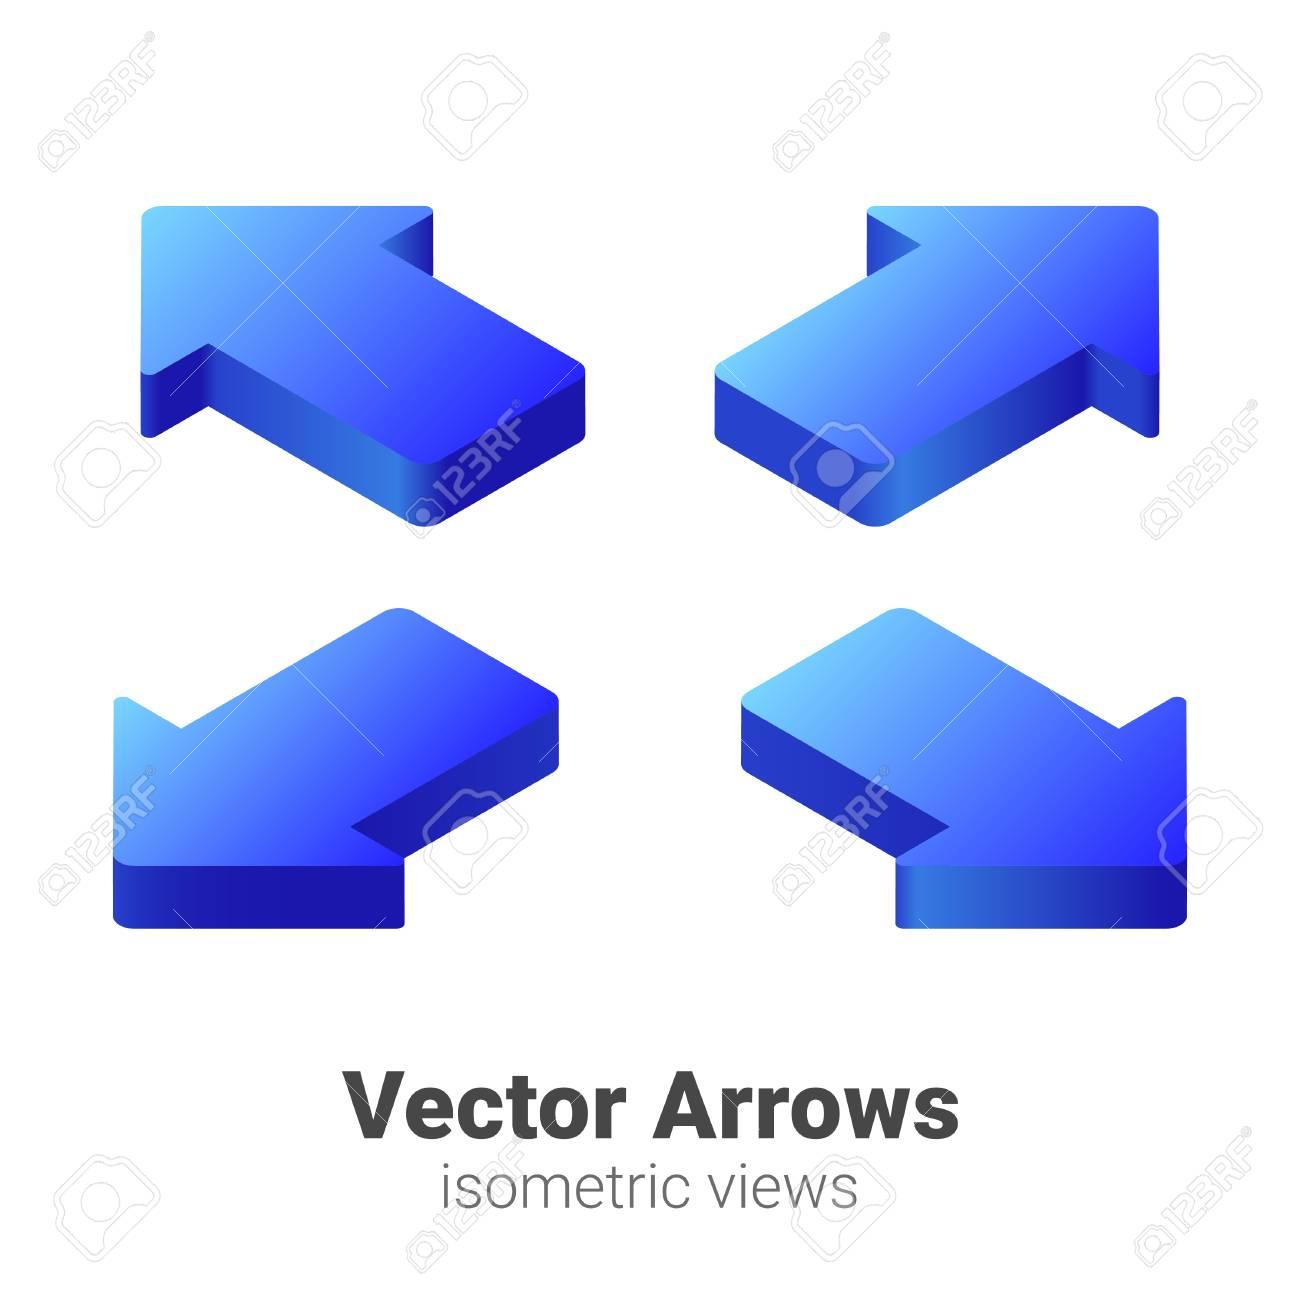 Isometric Arrows Vector set - 110209660